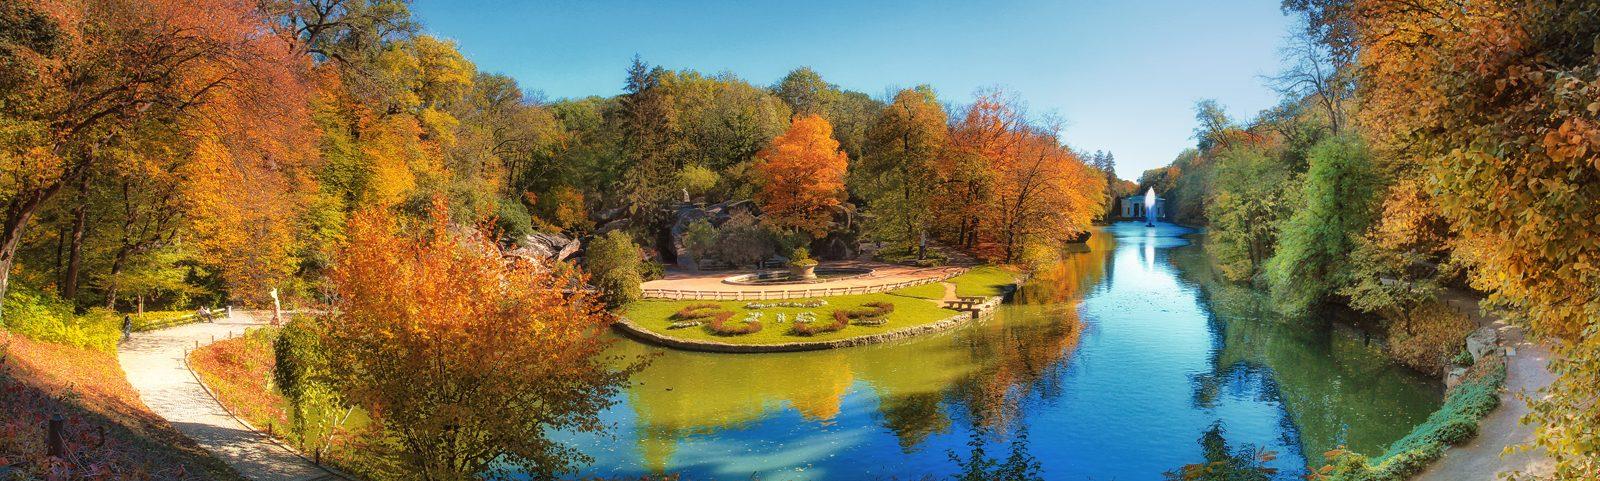 Софиевский парк Фото dmitrieva-larisa (1)